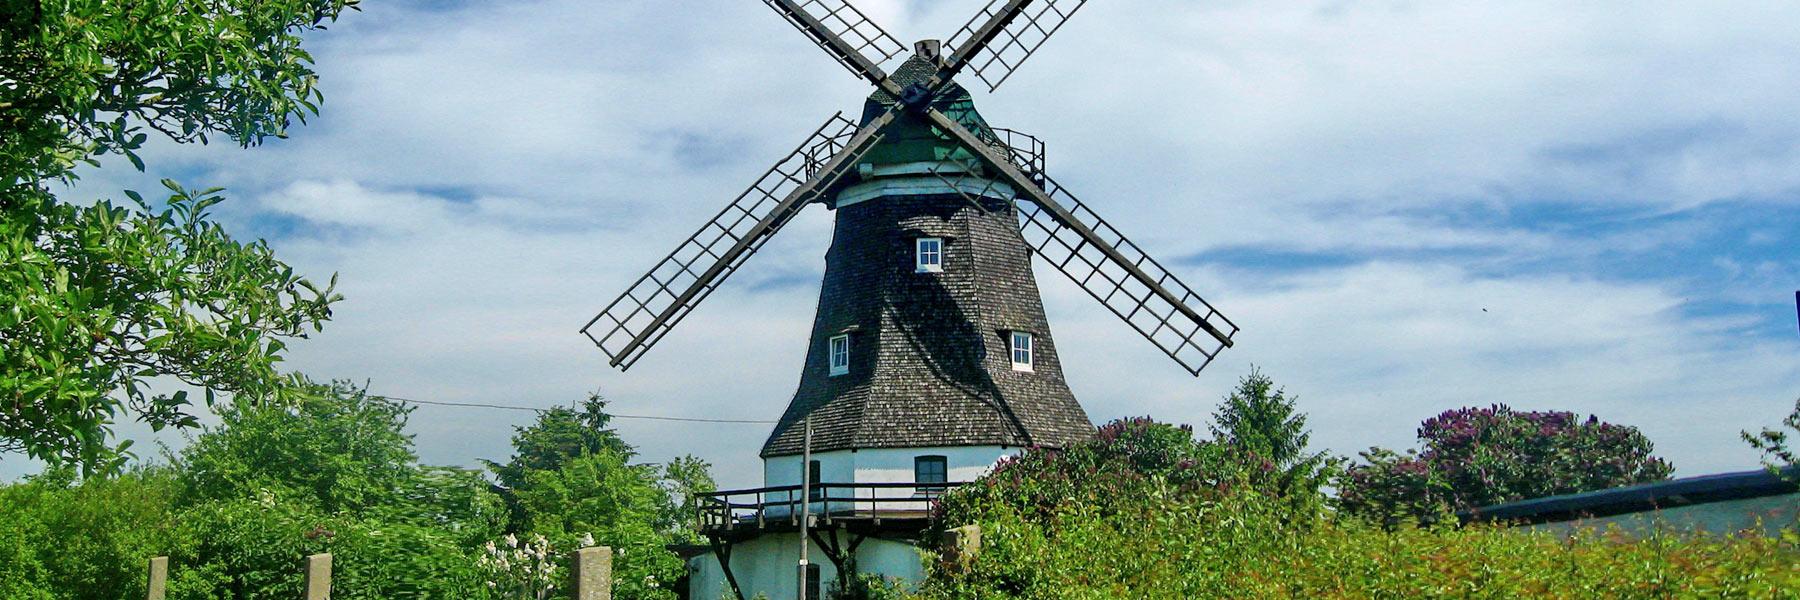 Windmühle - Grevesmühlen